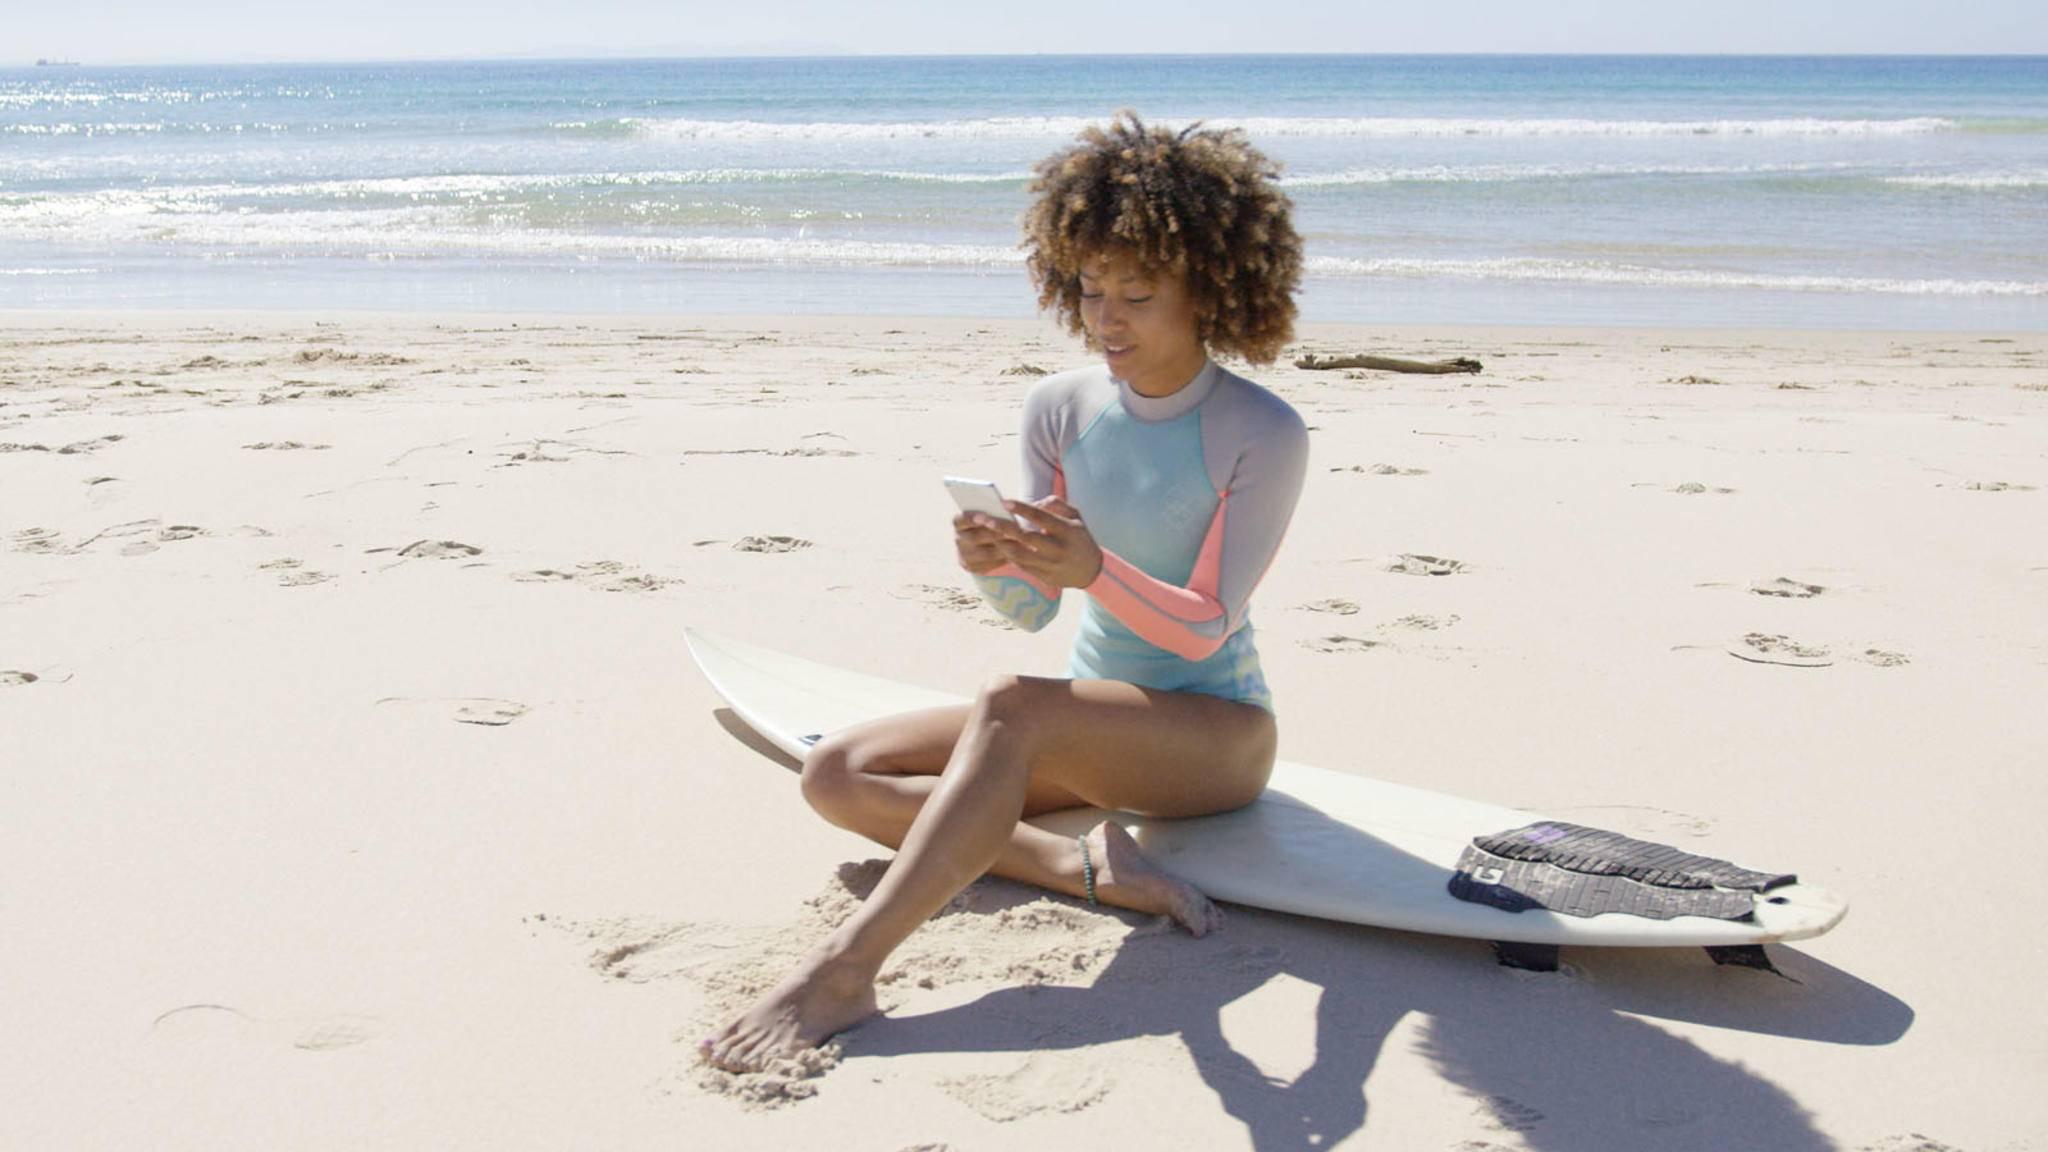 Höhere Wellen gesucht? Mit den richtigen Apps findest Du immer den passenden Strand. Oder Badesee ...